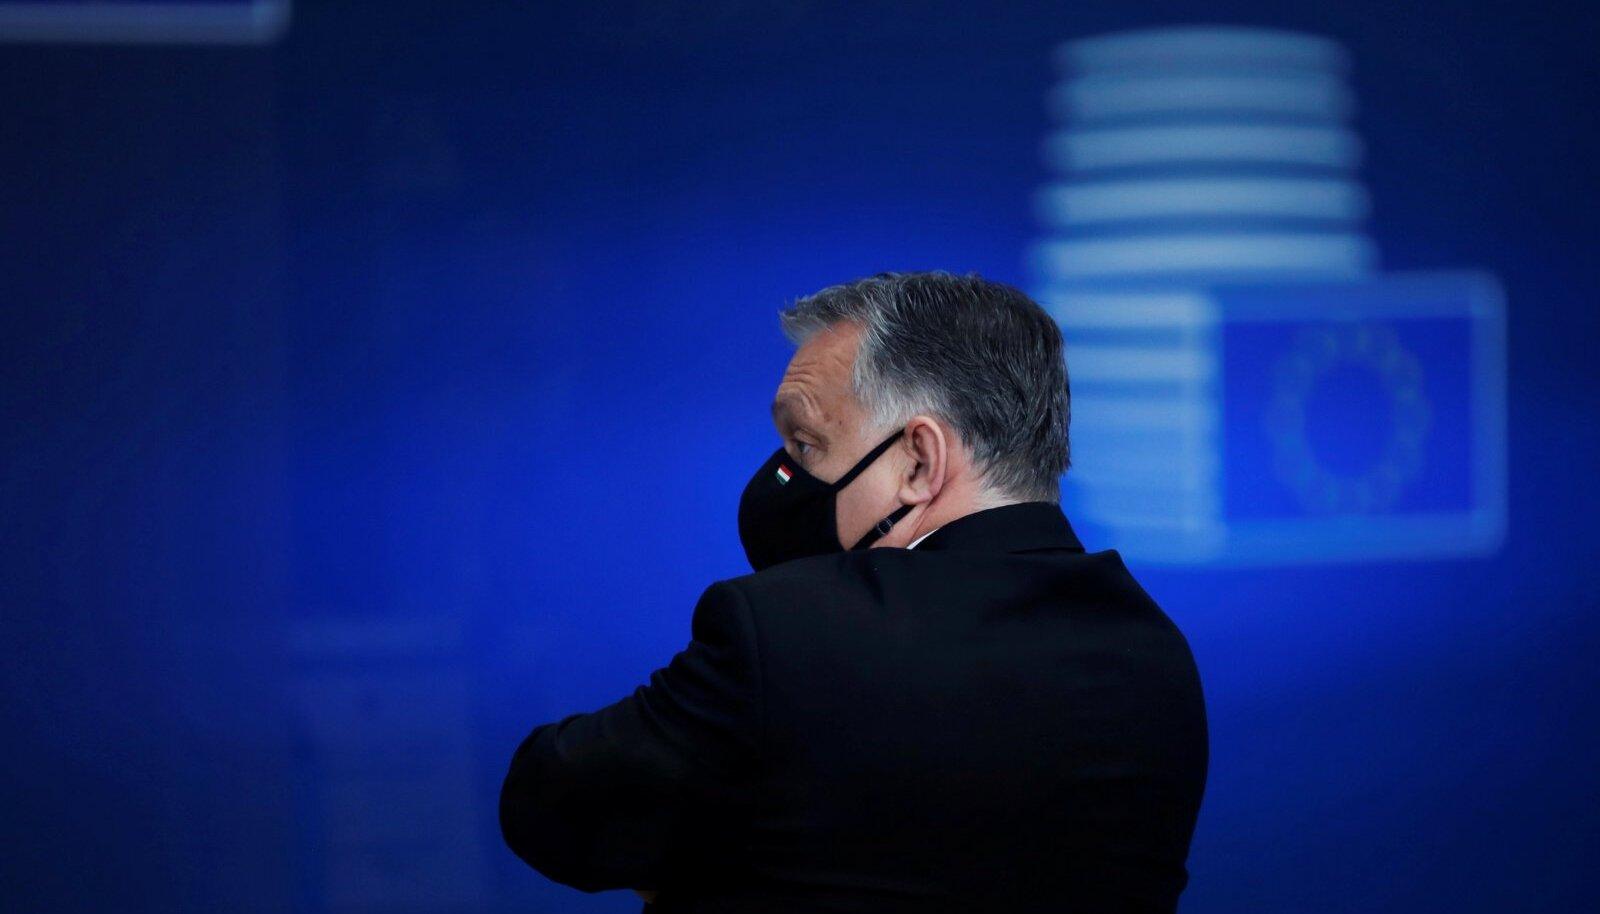 KUHU EDASI: Orbán on olnud alati Euroopa Liidu äärealal, kuid pärast EPPst lahkumist ei ole tal enam sakslaste tuge.